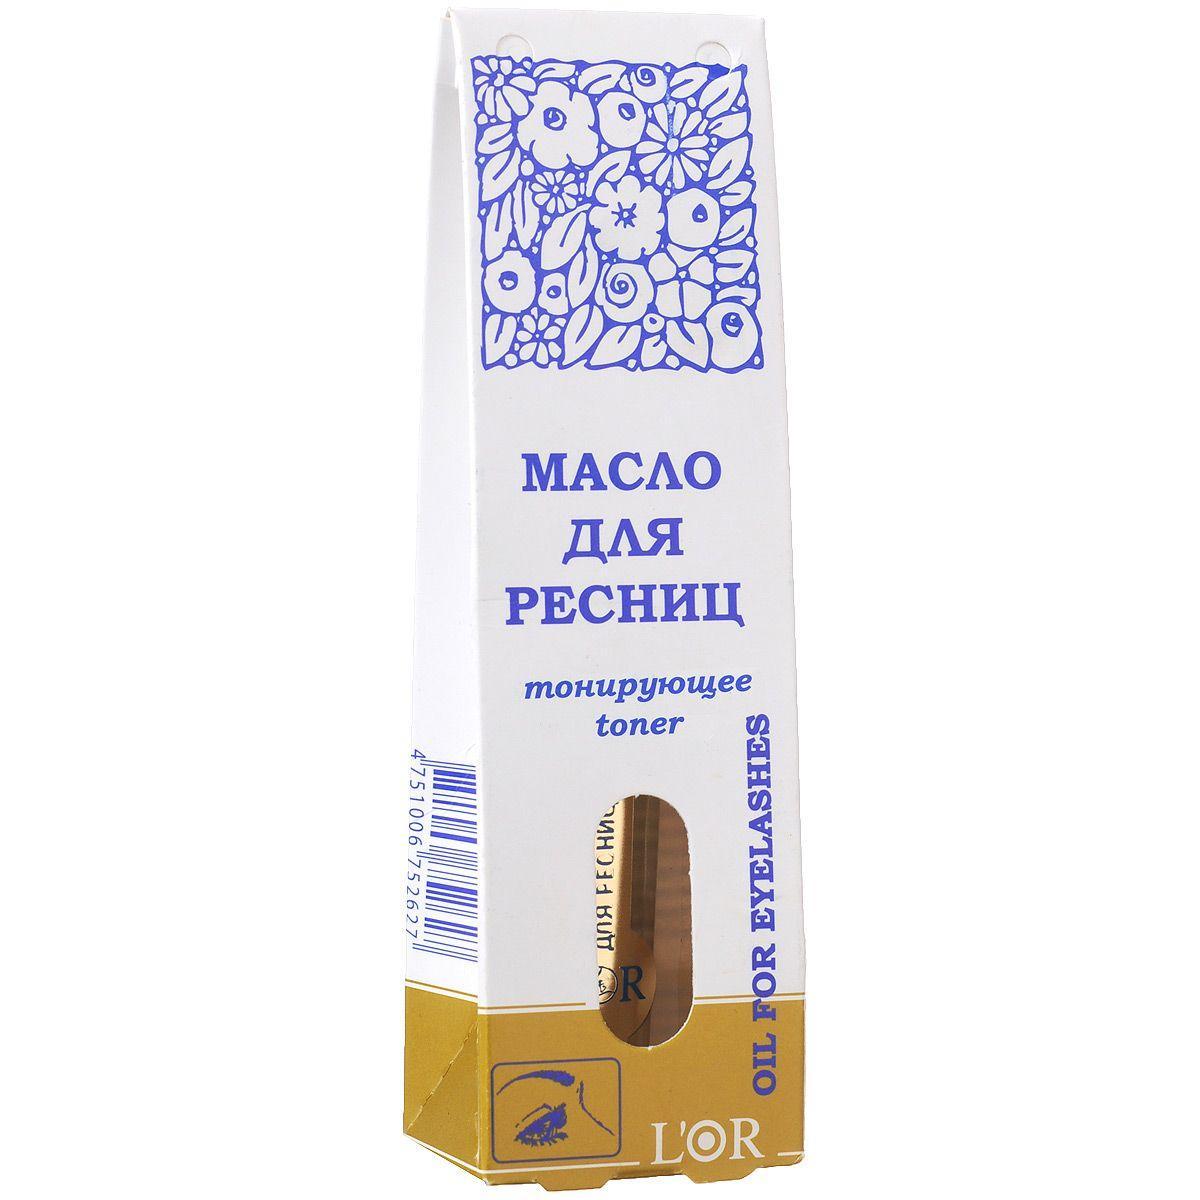 Масло L'Oreal для ресниц питательное